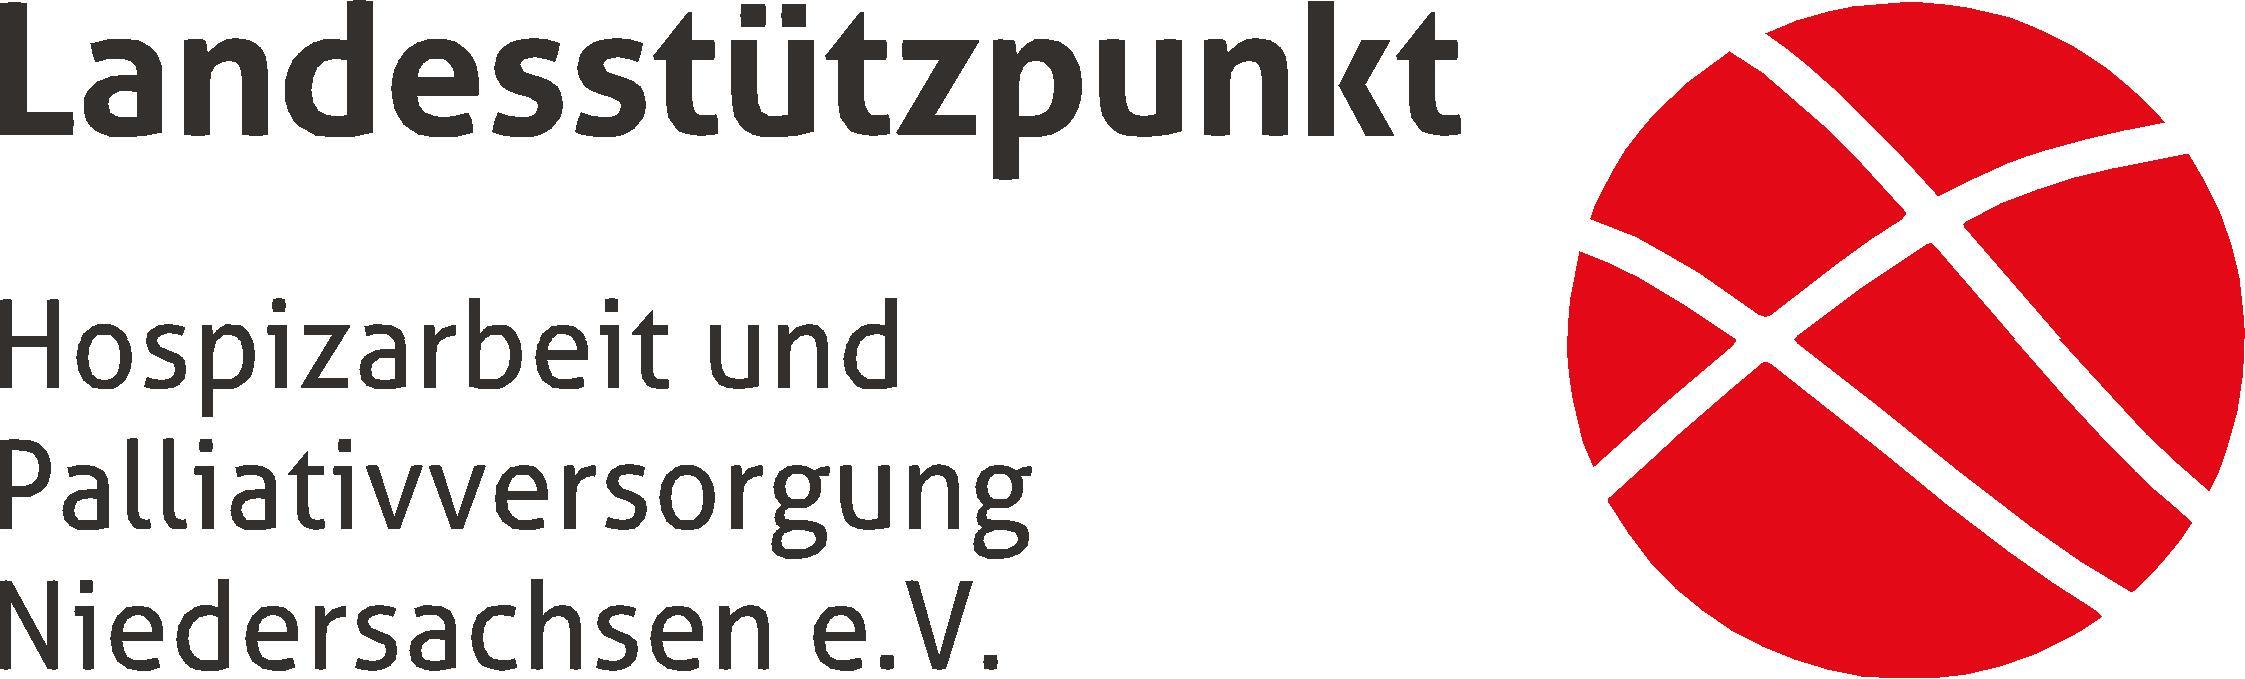 Logo Gemeinnützigkeitsrecht und Buchführung für Vereine